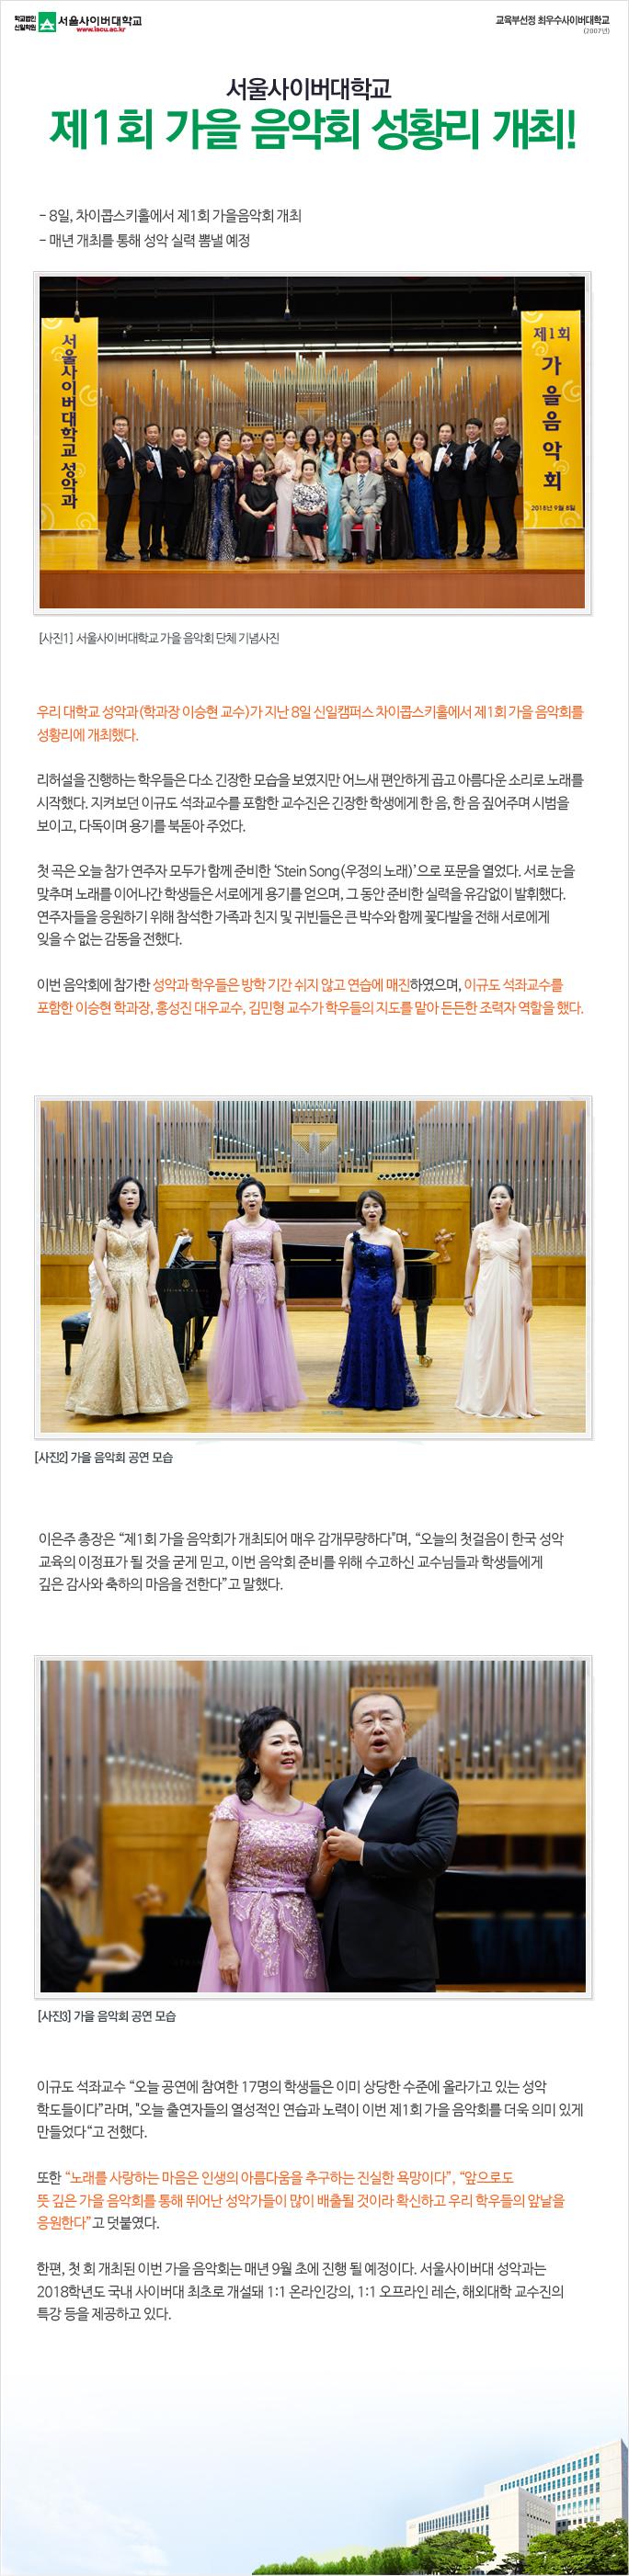 제1회 가을 음악회 성황리 개최!